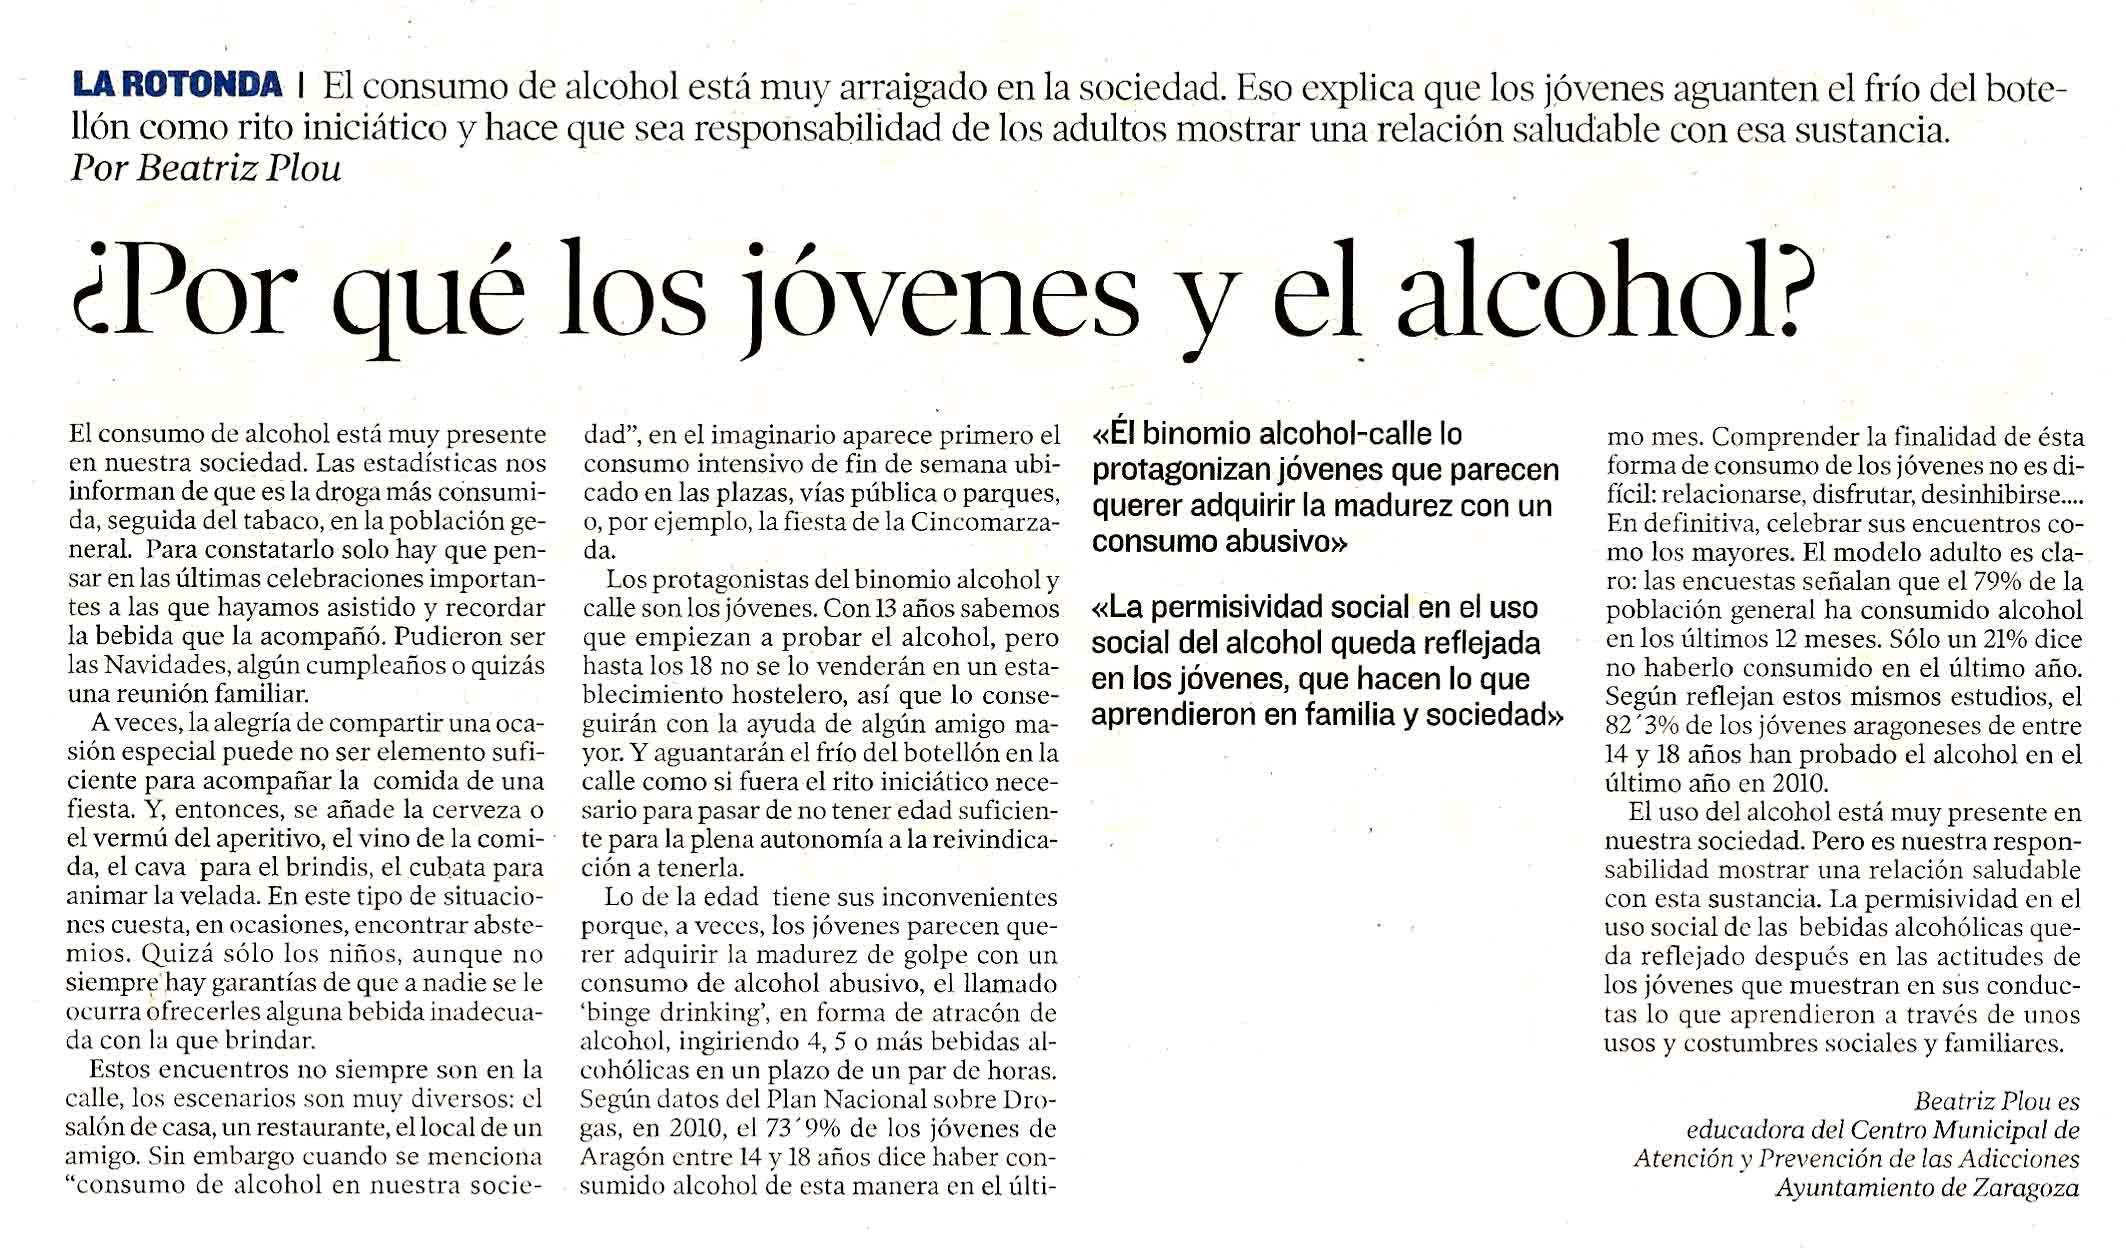 La codificación del alcoholismo en kieve por el método dovzhenko